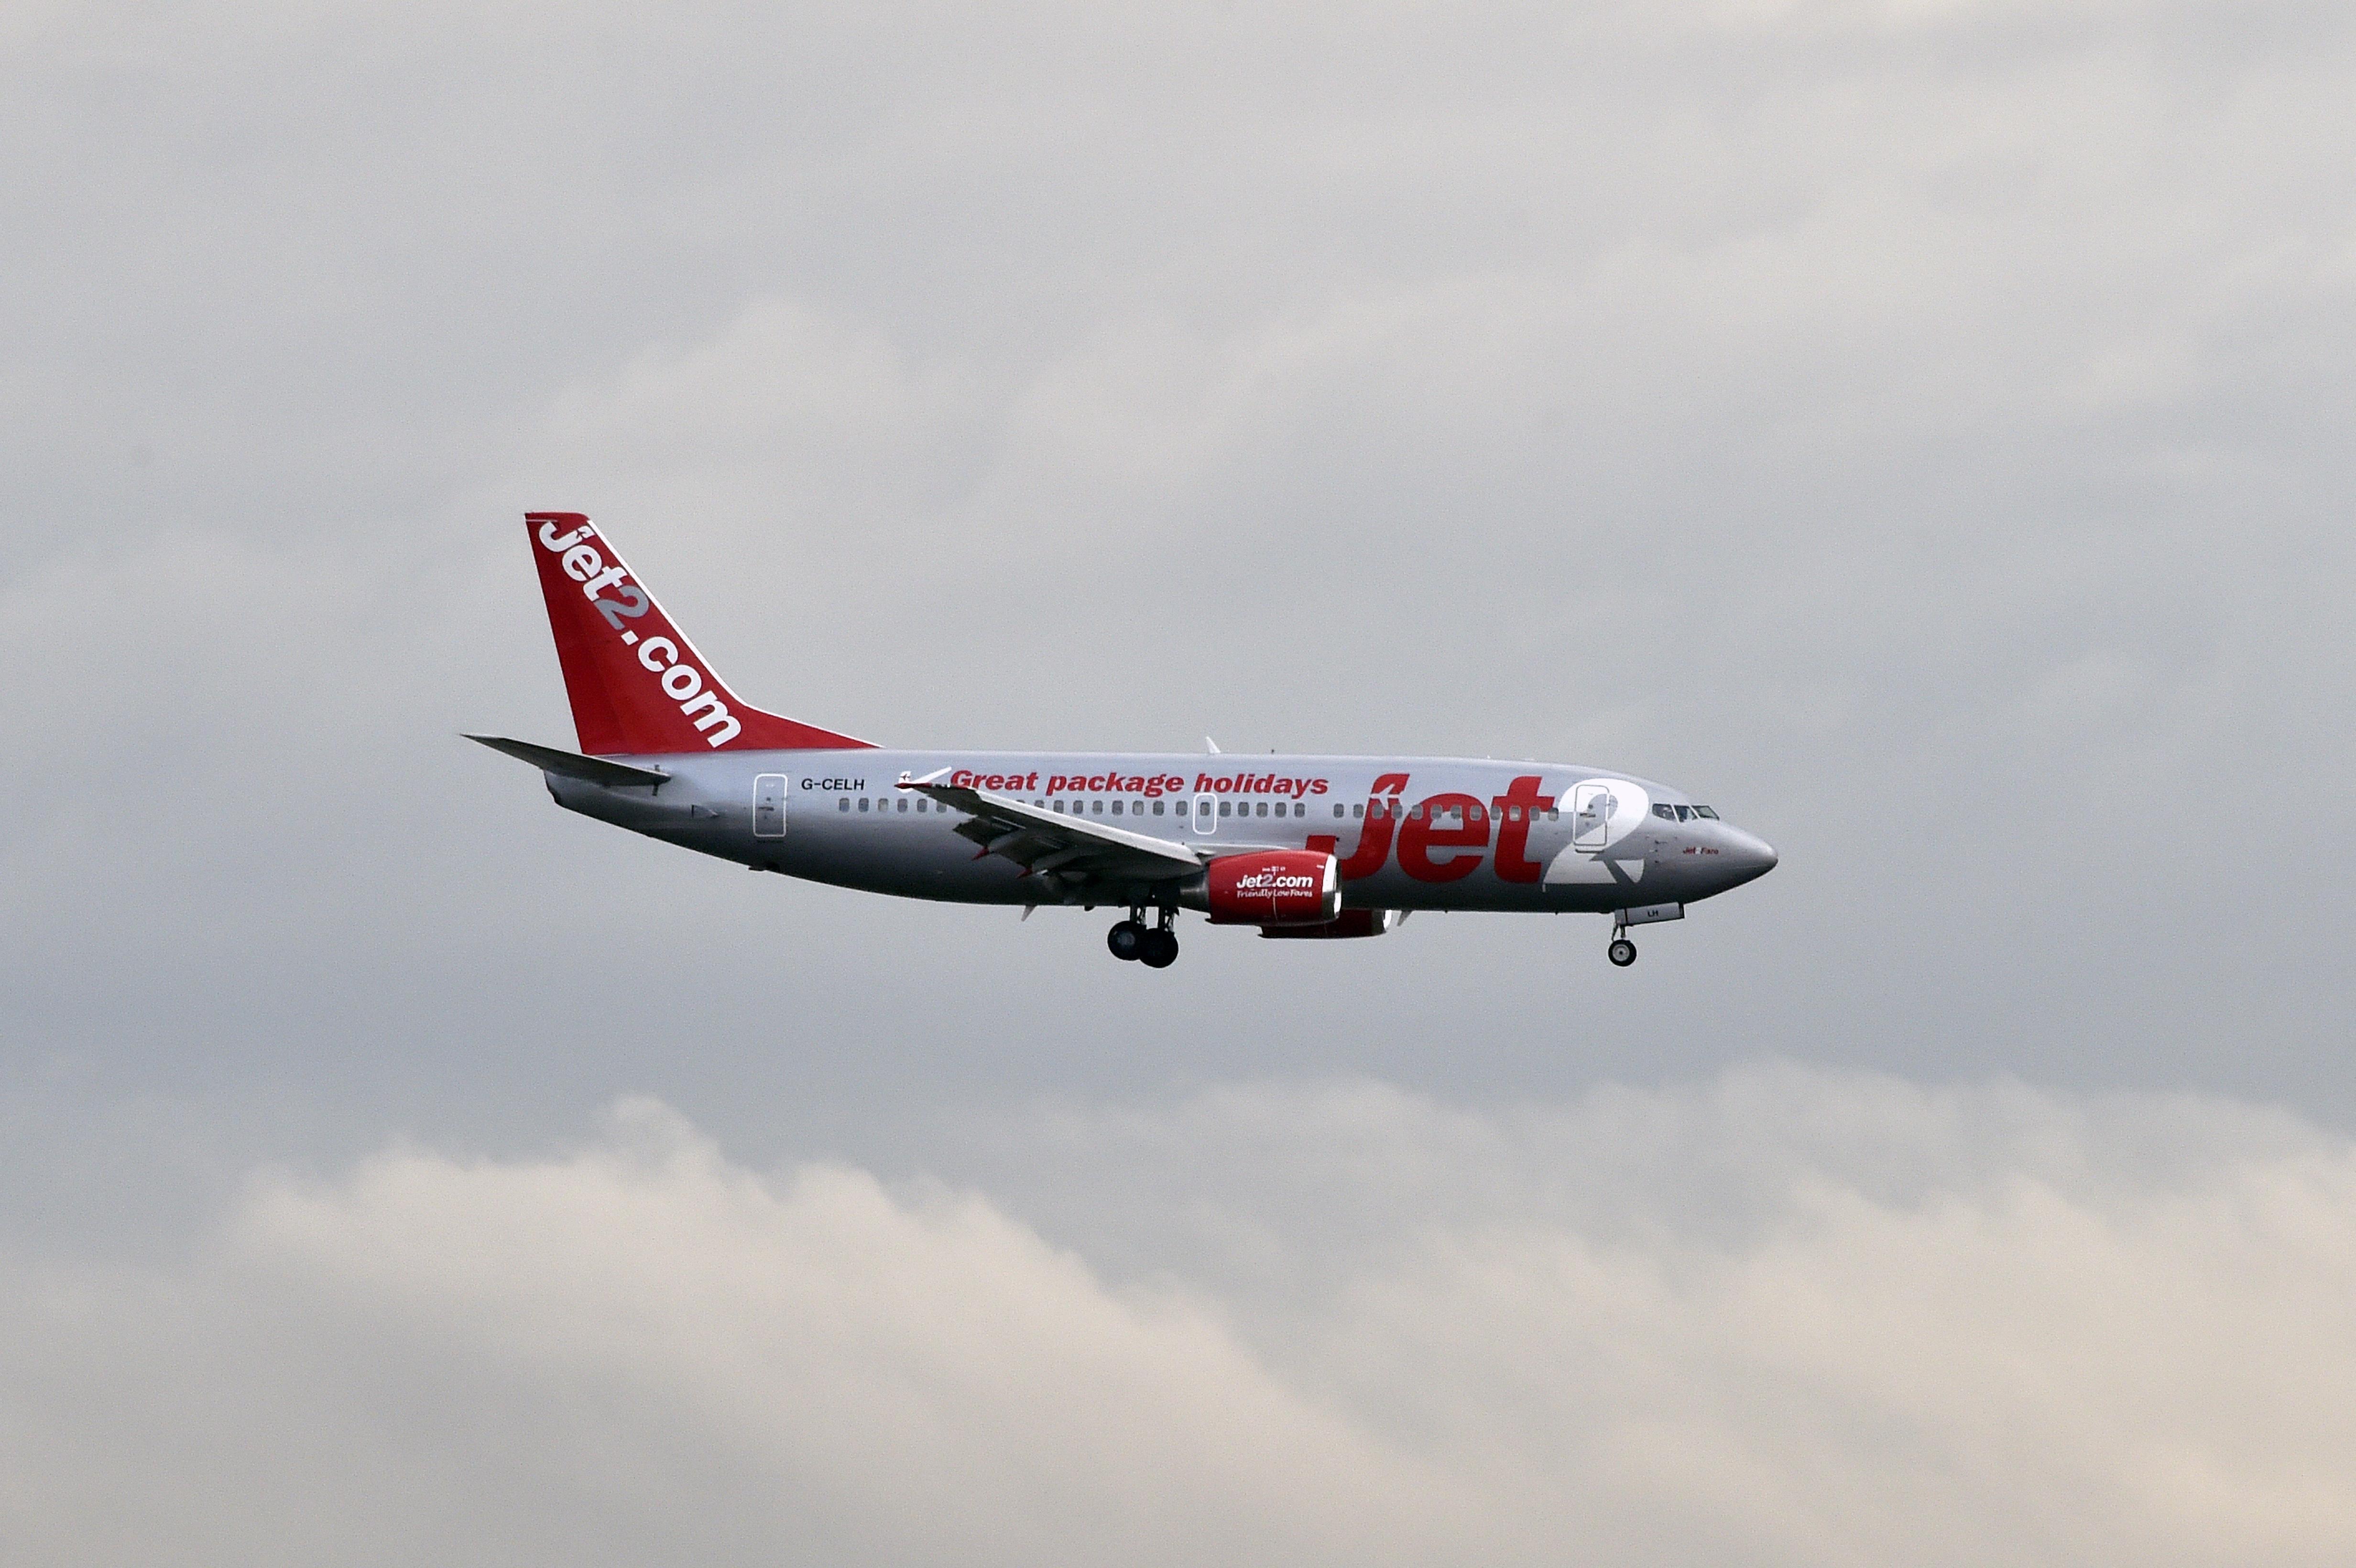 طائرة تابعة لخطوط طيران jet2.com البريطانية